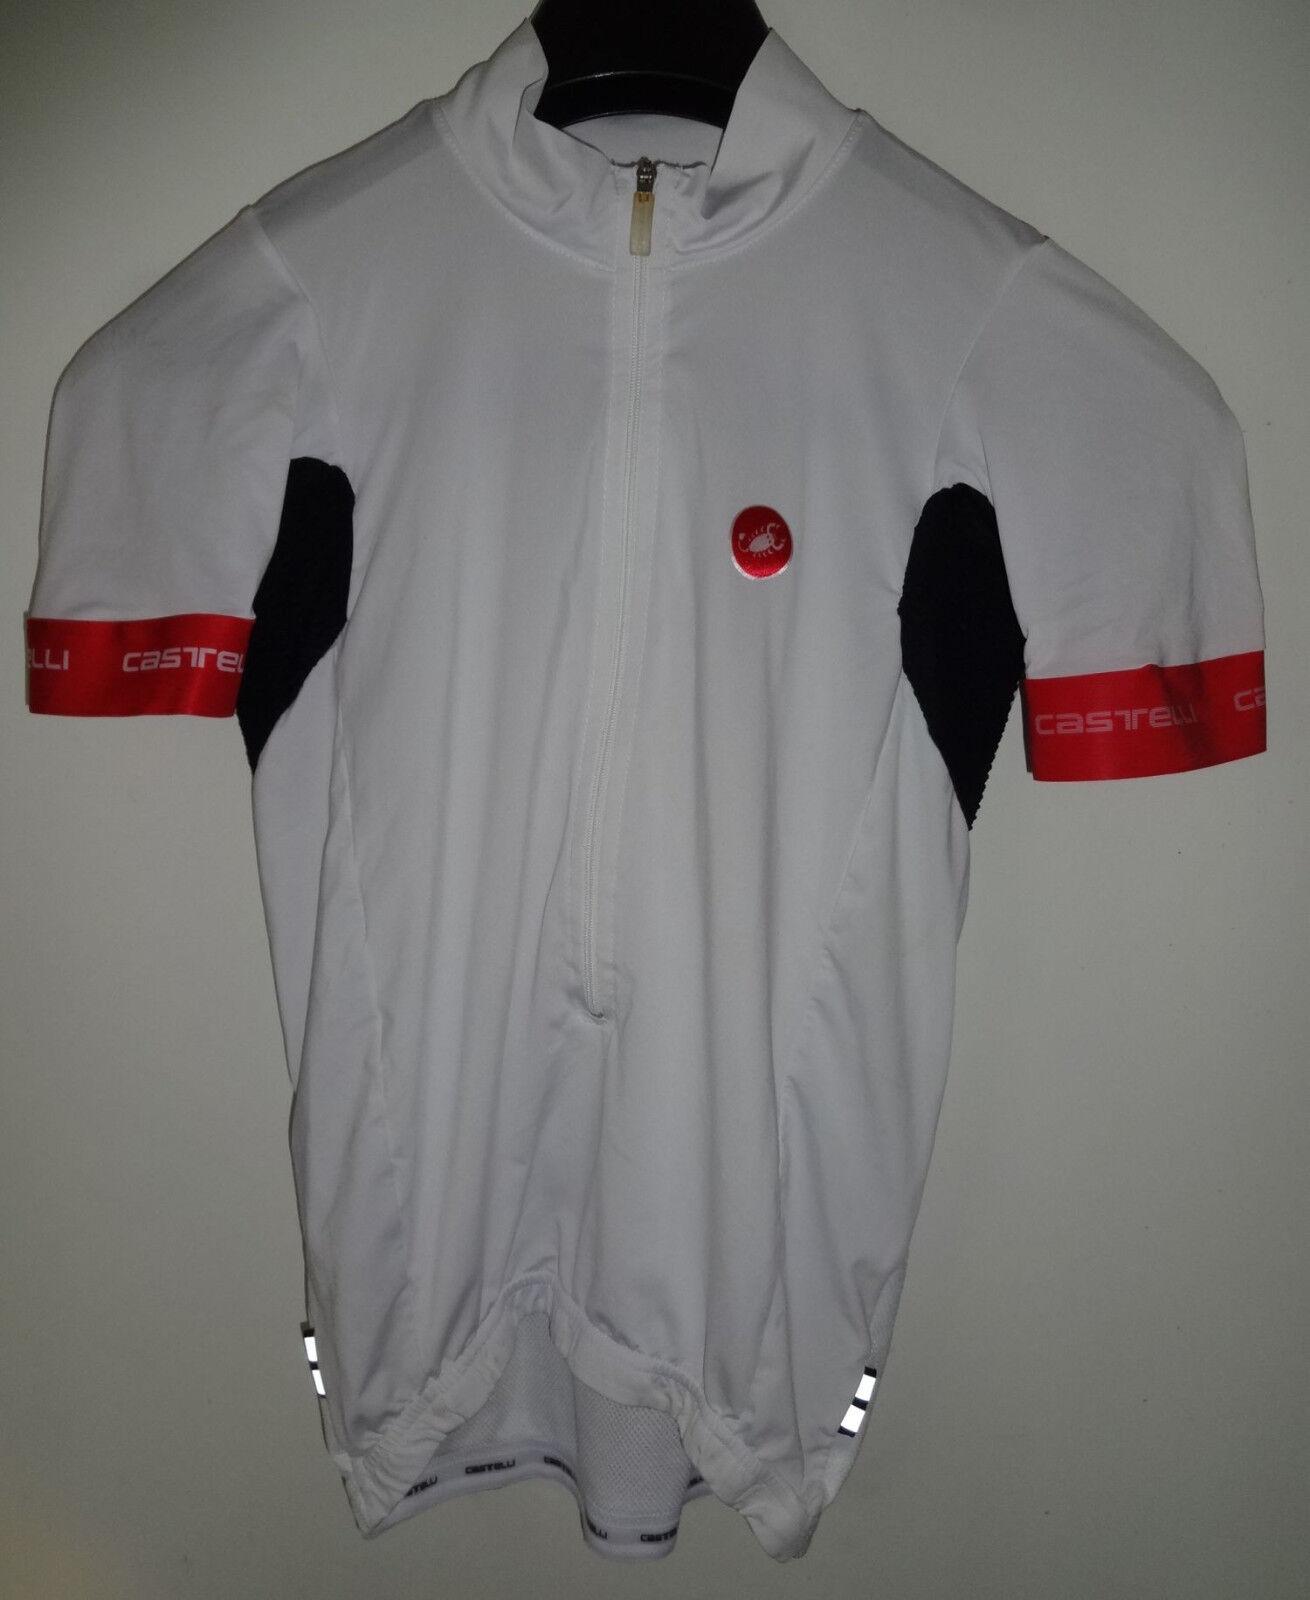 Castelli rojo corsa radtrikot  camiseta talla L  entrega de rayos